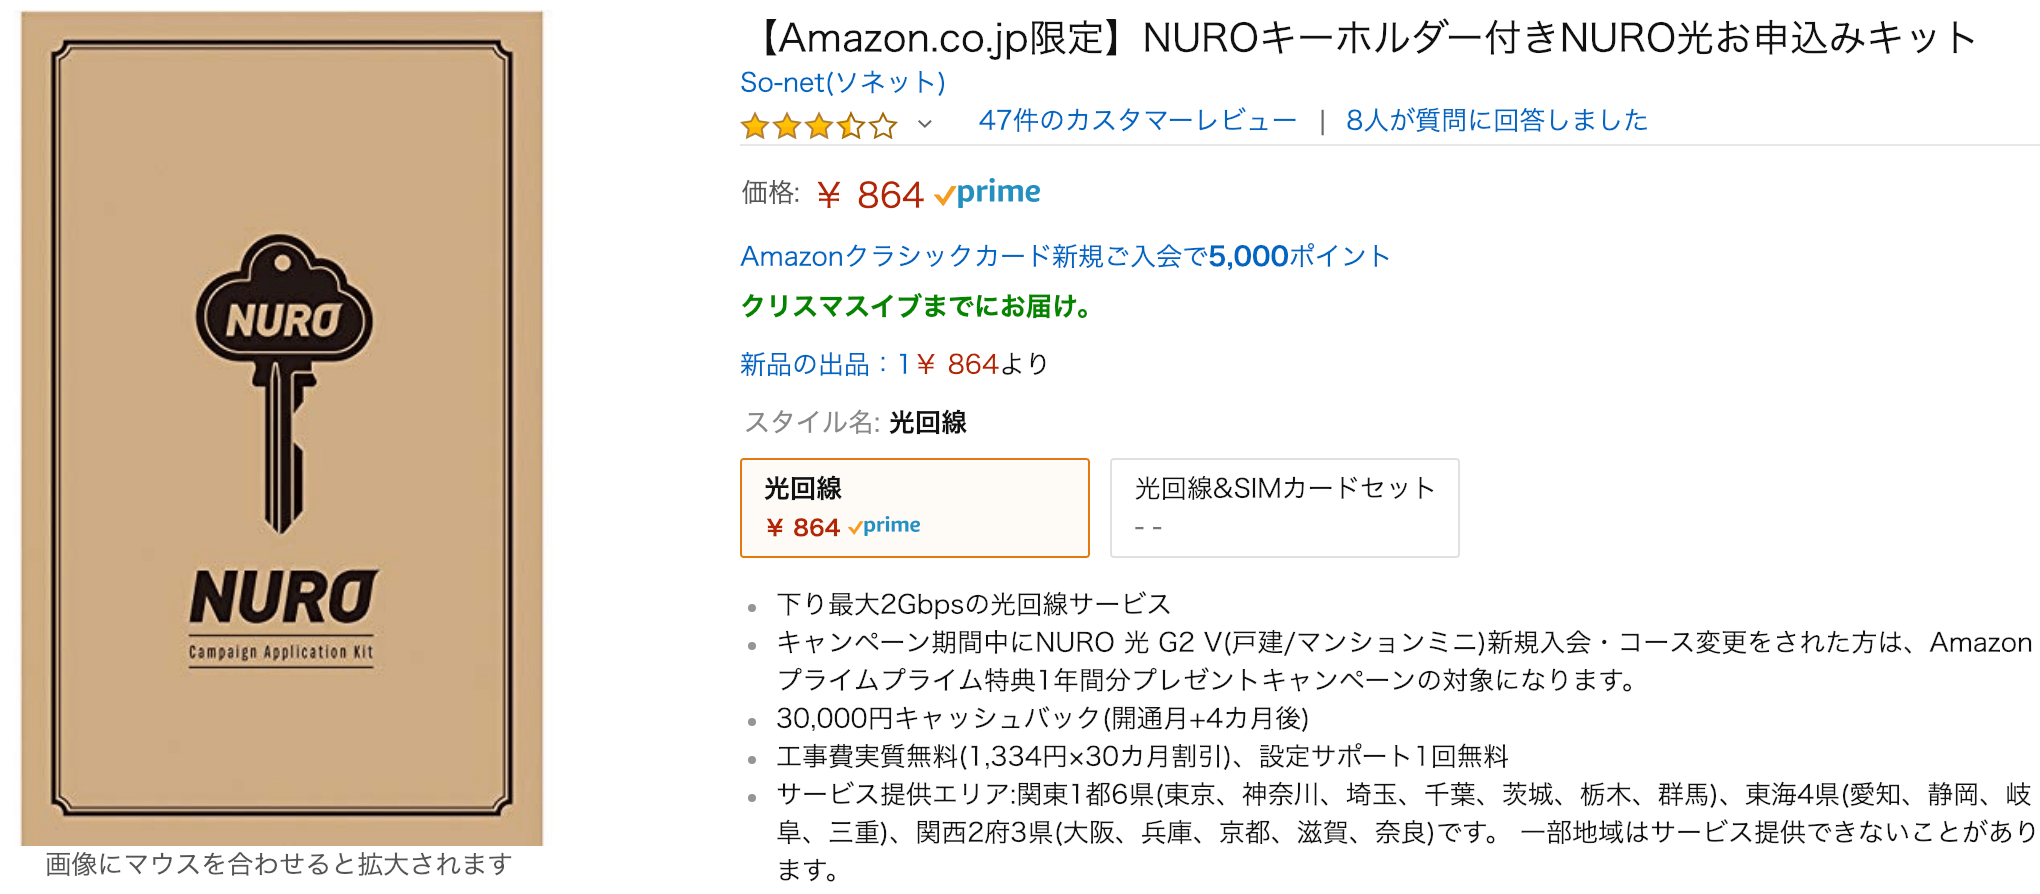 NURO光お申込みキット